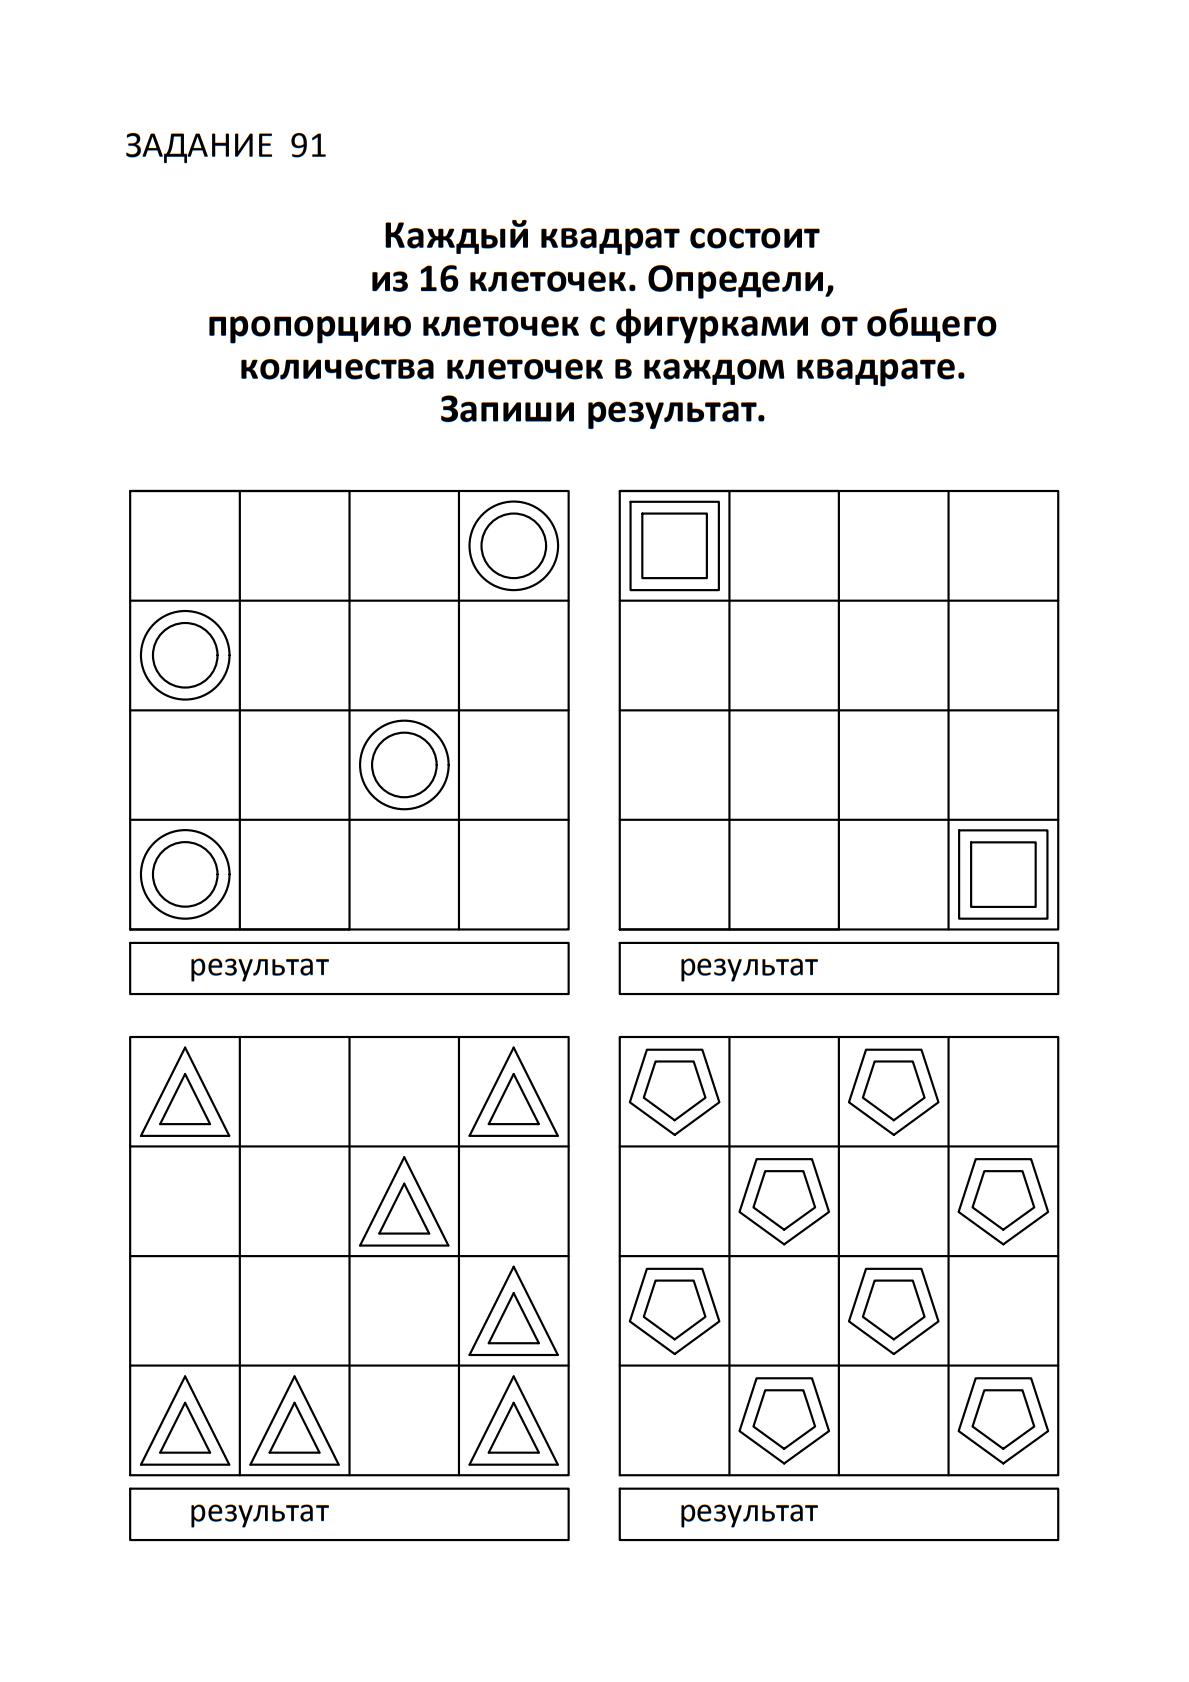 Определи пропорцию клеточек с фигурками. Задание 91 в тест игре Ольгины Задачки.